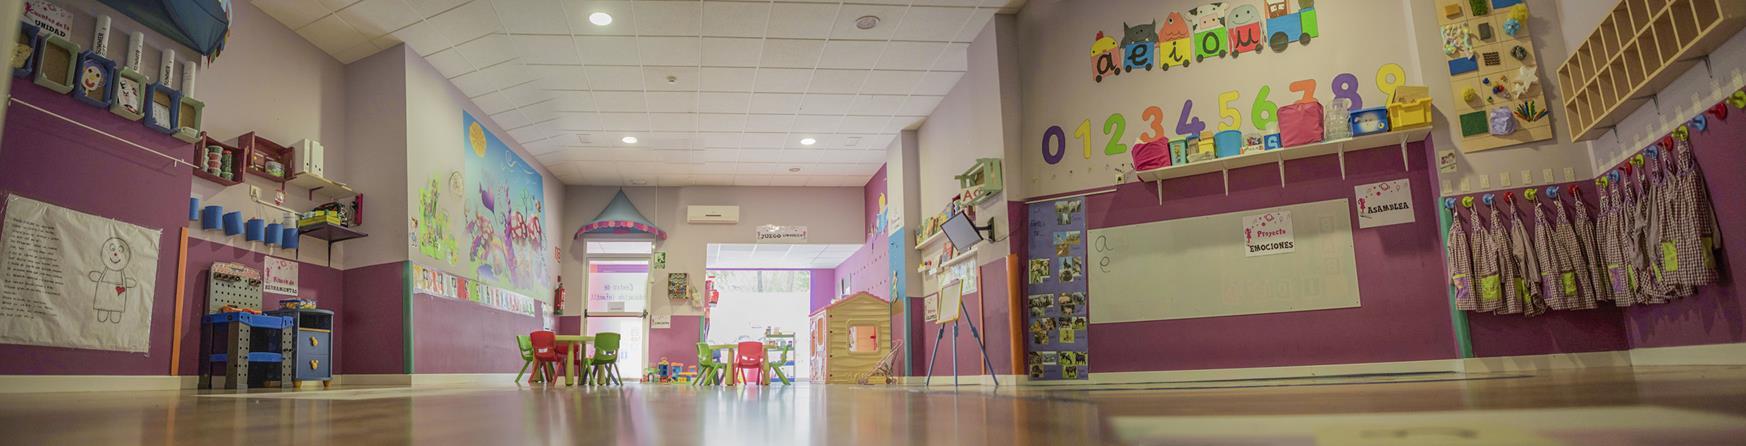 Los Mundos de Noa | Guarderías en Albacete | Centro educación infantil